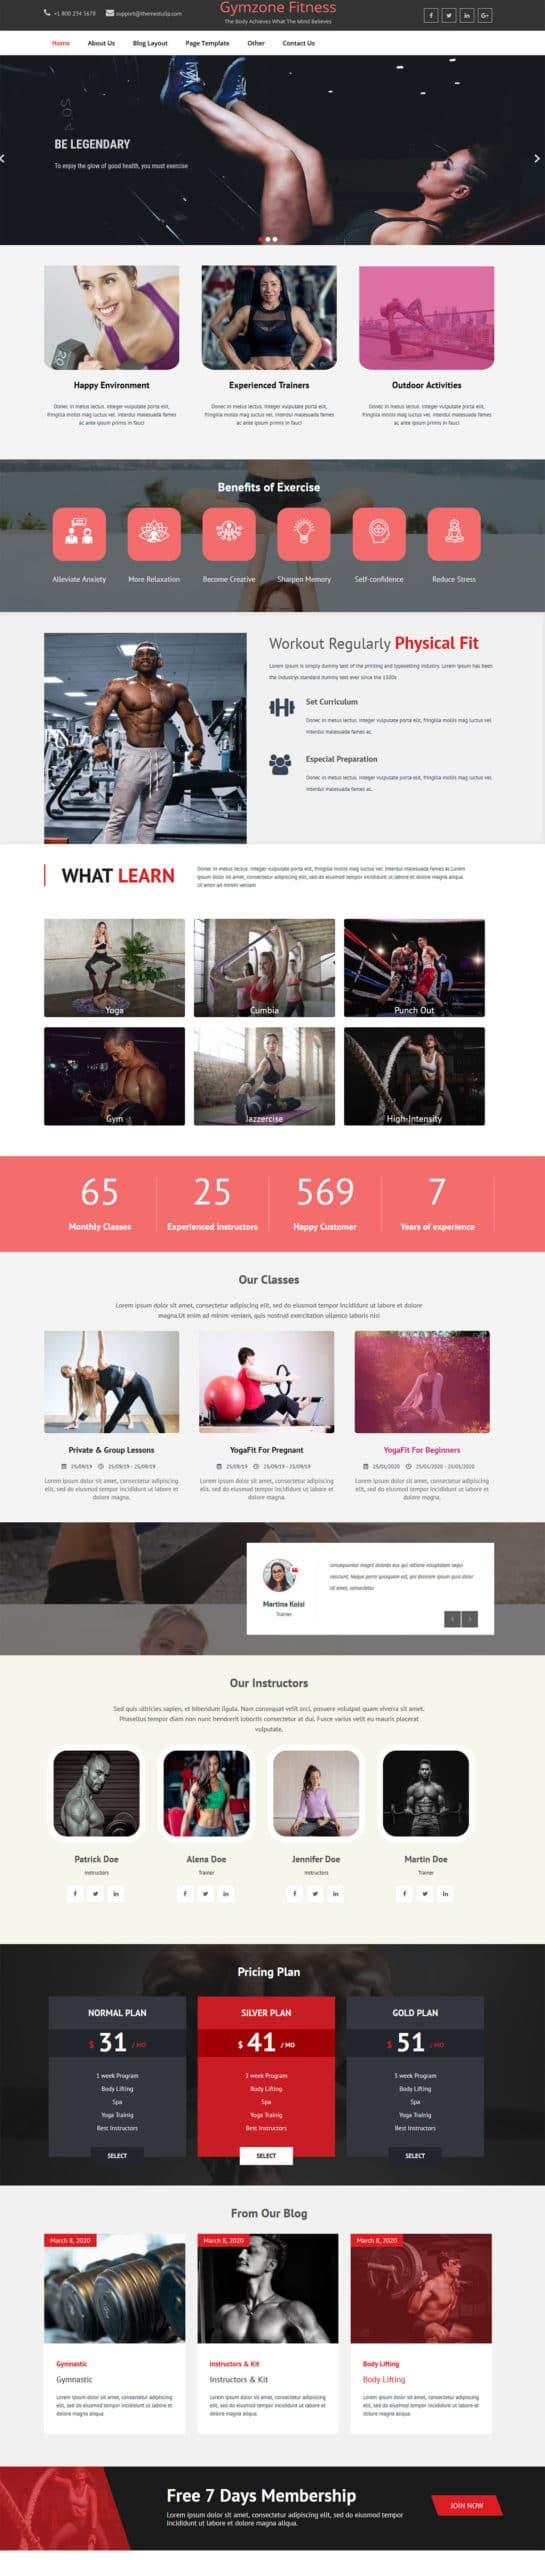 GymZone Fitness WordPress Theme